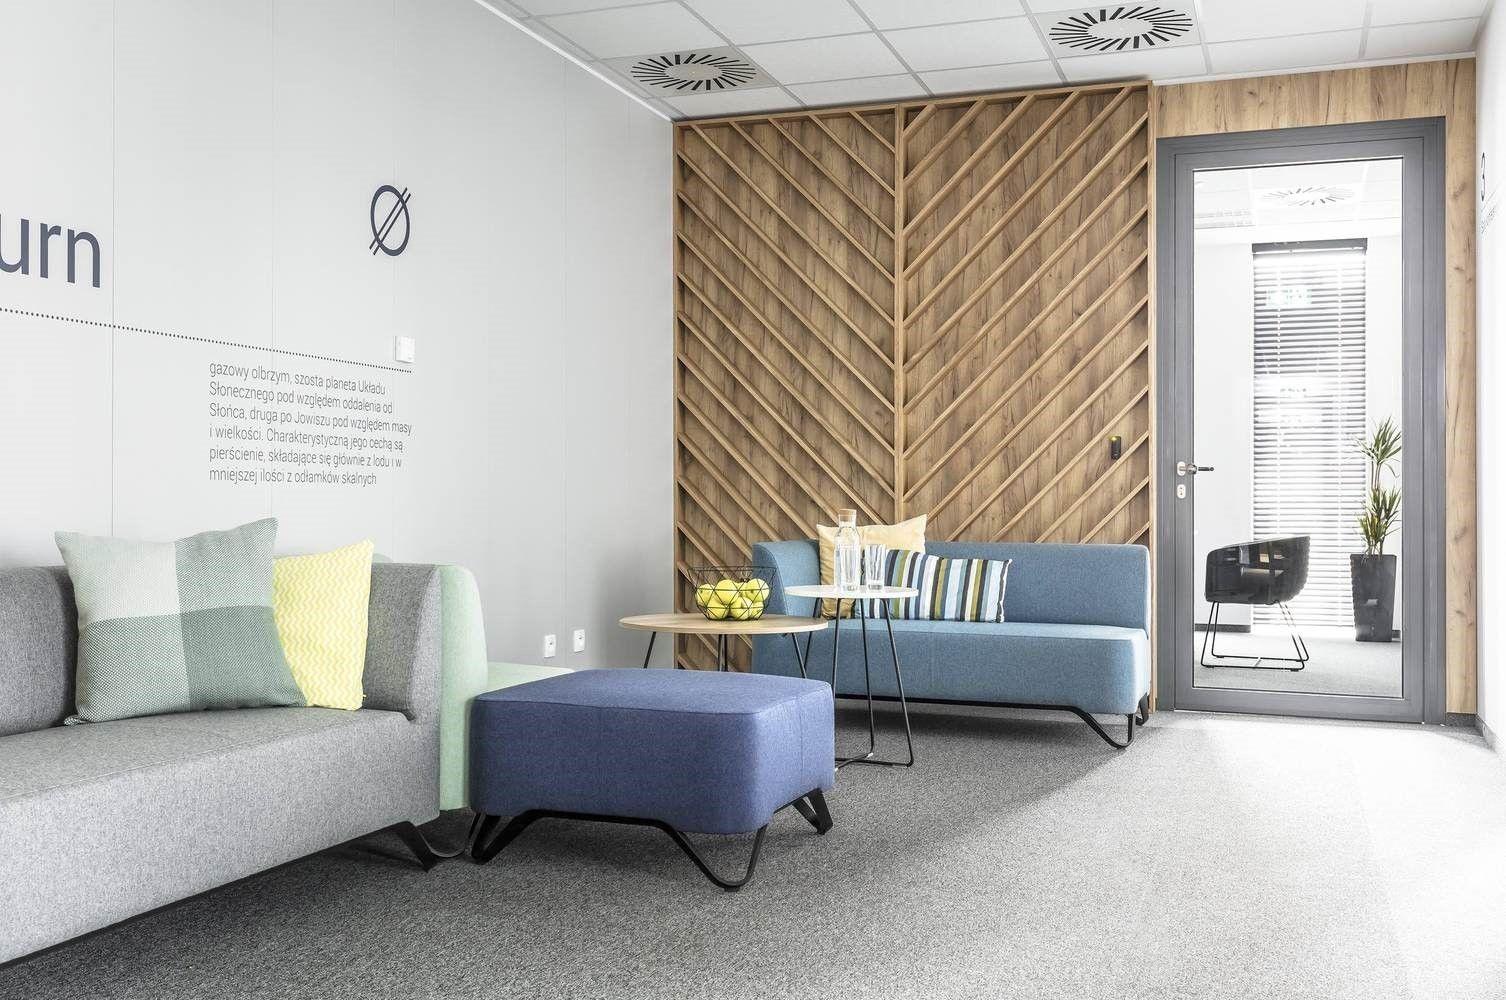 Espacio de sala de espera en oficinas de estilo nórdico industrial contemporáneo por Metaforma